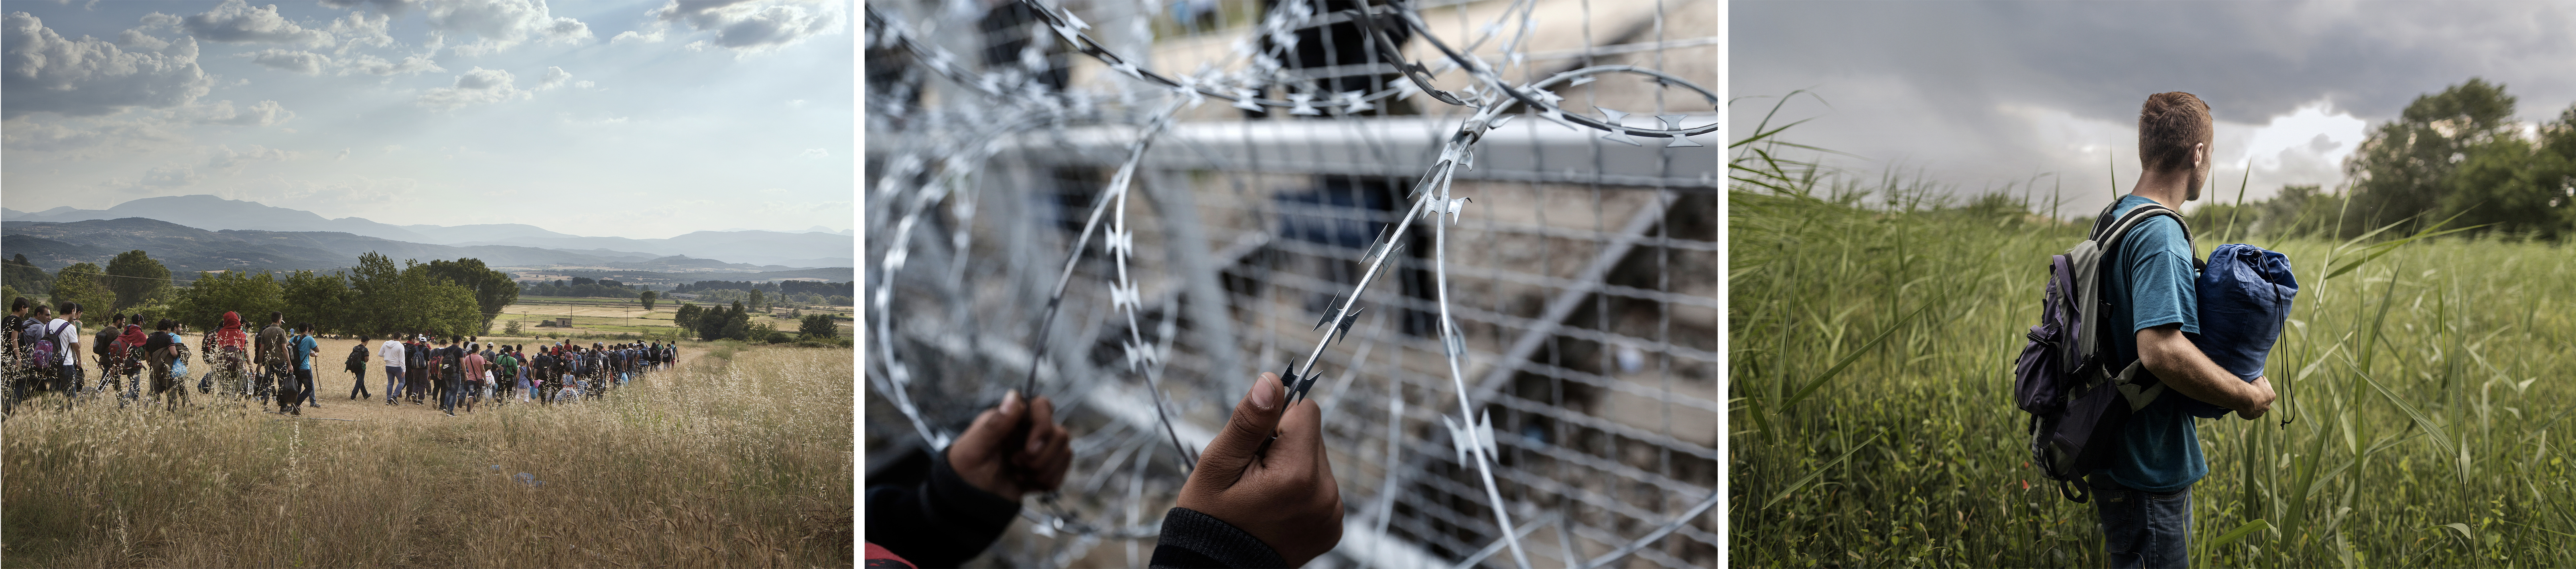 (gauche) Un groupe d'environ 150 Syriens se rapproche de la frontière entre la Grèce et la Macédoine, de plus en plus dangereuse, dans l'espoir de rejoindre l'Allemagne ou la Suède, juin 2015. (centre)Un enfant afghan tient la clôture de barbelés lors d'une manifestation à la frontière gréco-macédonienne, près du village grec d'Idomeni, février 2016. (droite) Ayoub, un Afghan de 18 ans, a dû fuir l'Afghanistan seul car toute sa famille a été tuée, juin 2015.©Alessandro Penso/MAPS,Konstantinos Tsakalidis/SOOC